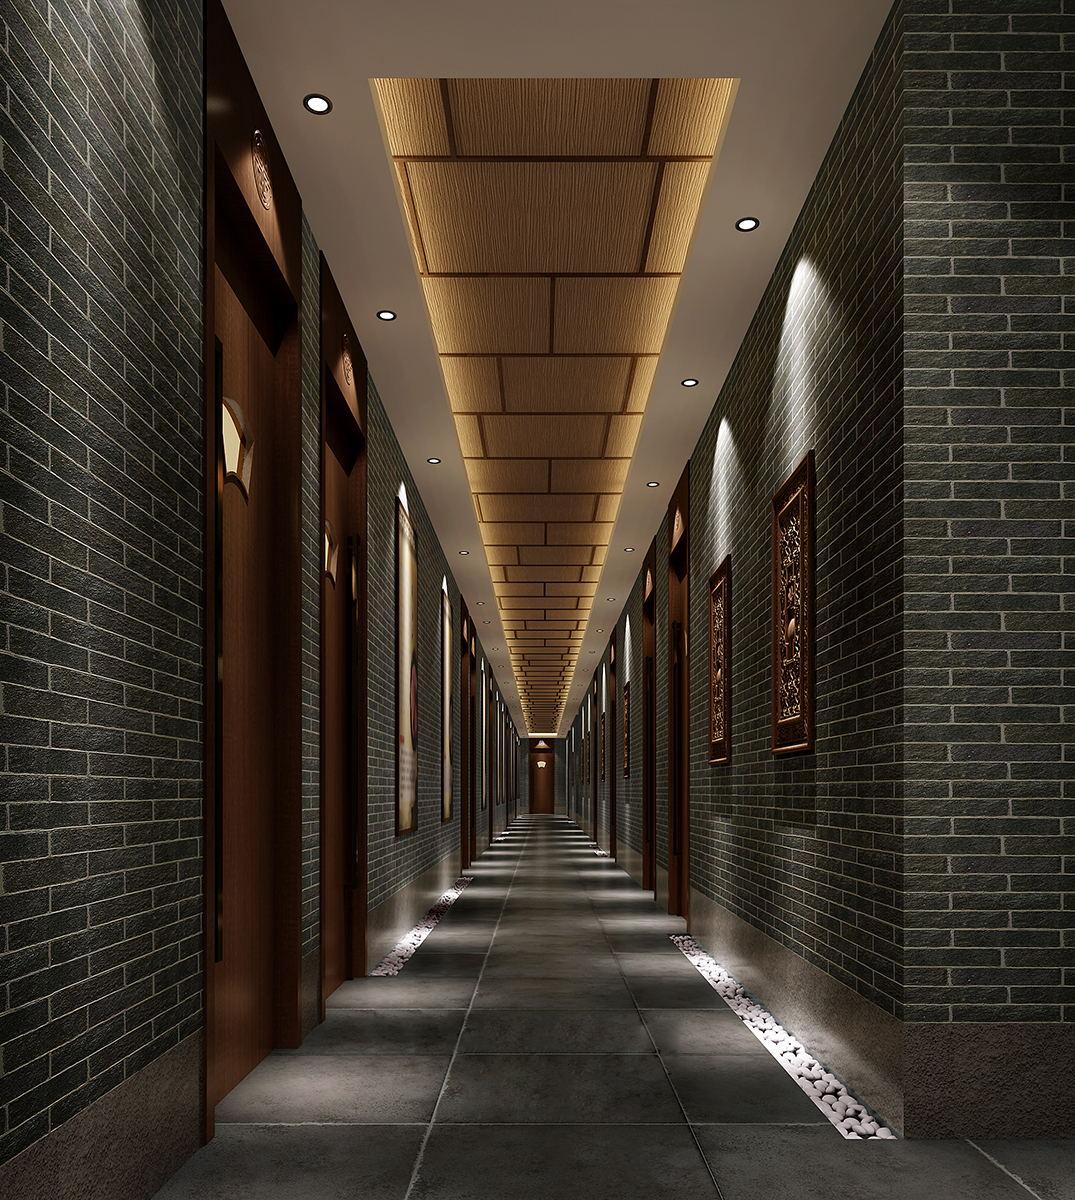 酒店会所 足浴城 名宿 特色宾馆设计 新中式 效果图设计